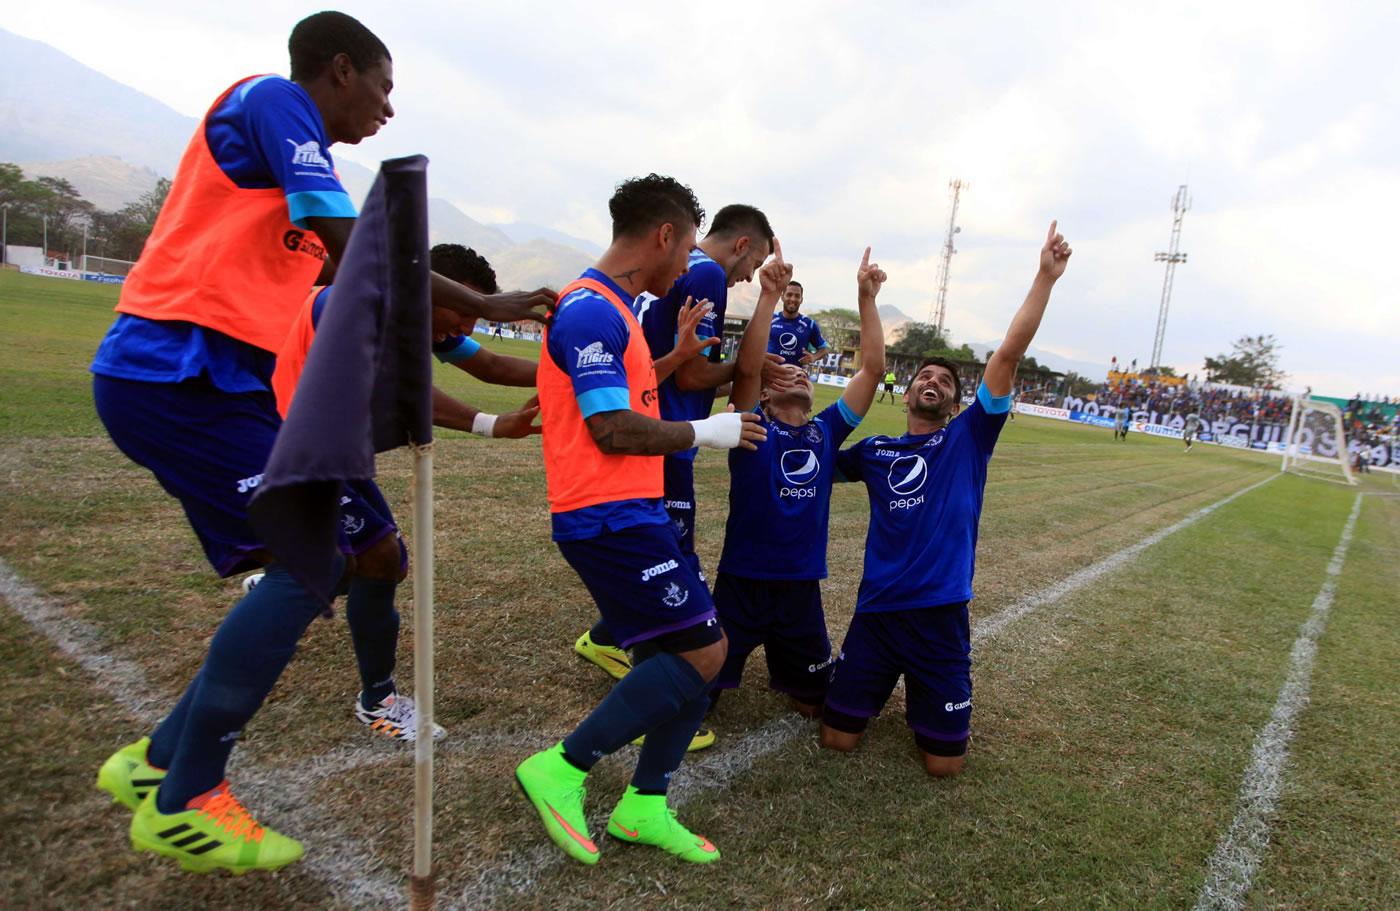 Motagua 3-0 Esperanzano